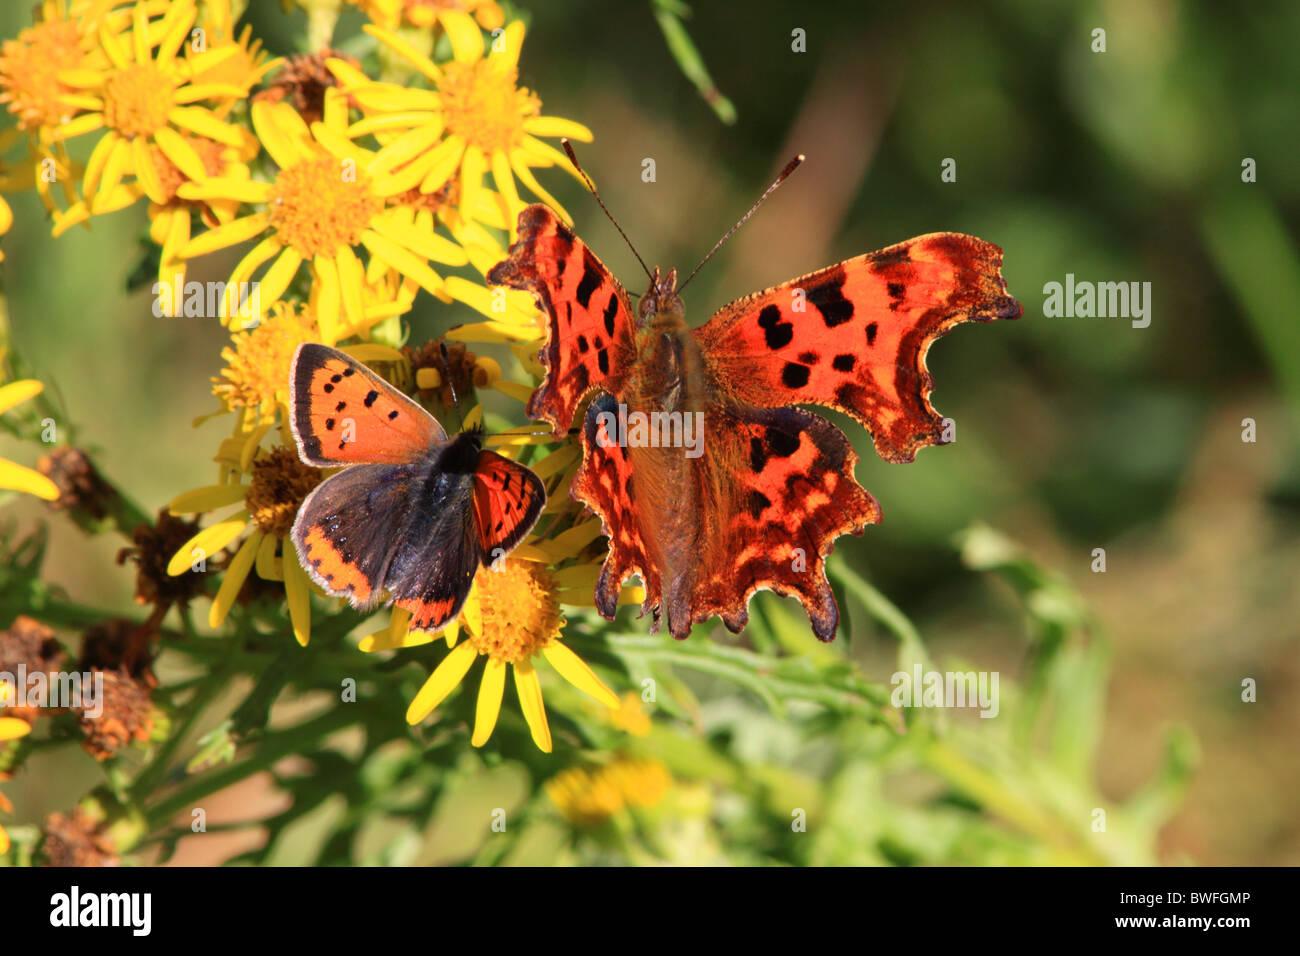 Petits Papillons UK Cuivre ( Lycaena phlaeas ) et virgule (Polygonia c-album ) sur le séneçon de fleurs Photo Stock